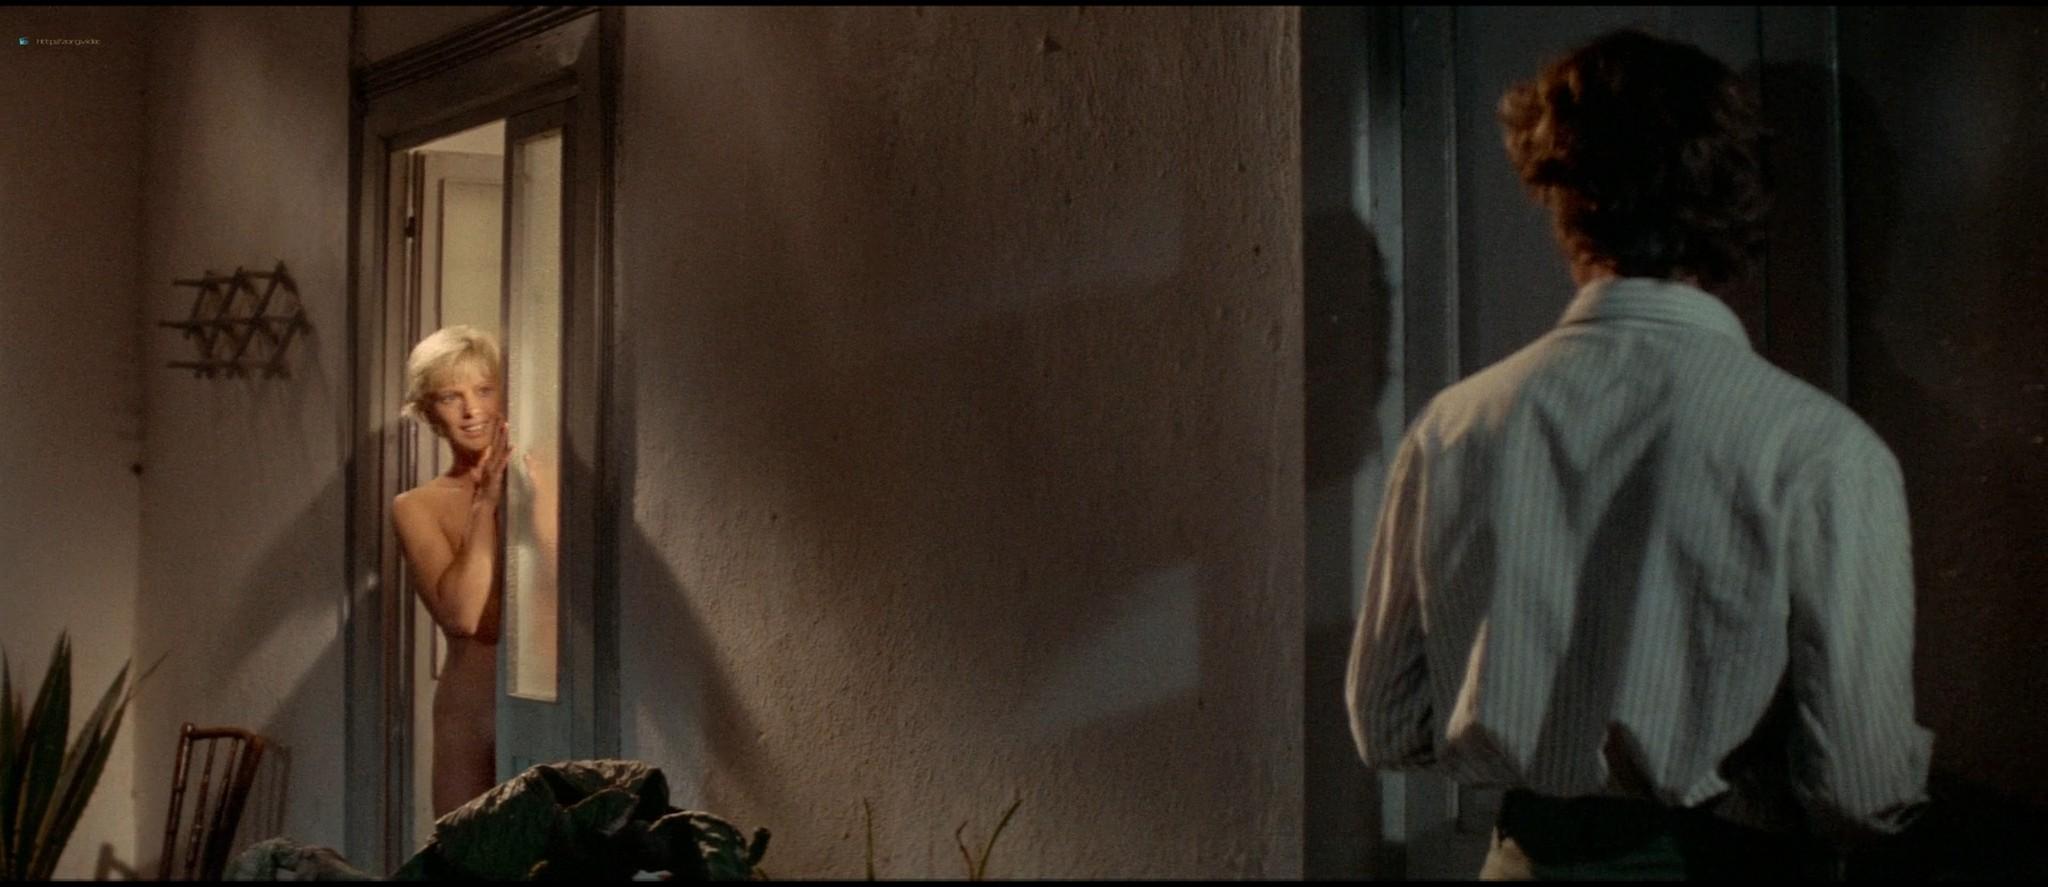 Mimsy Farmer nude full frontal - La Route de Salina (1970) HD 1080p Bluray (6)